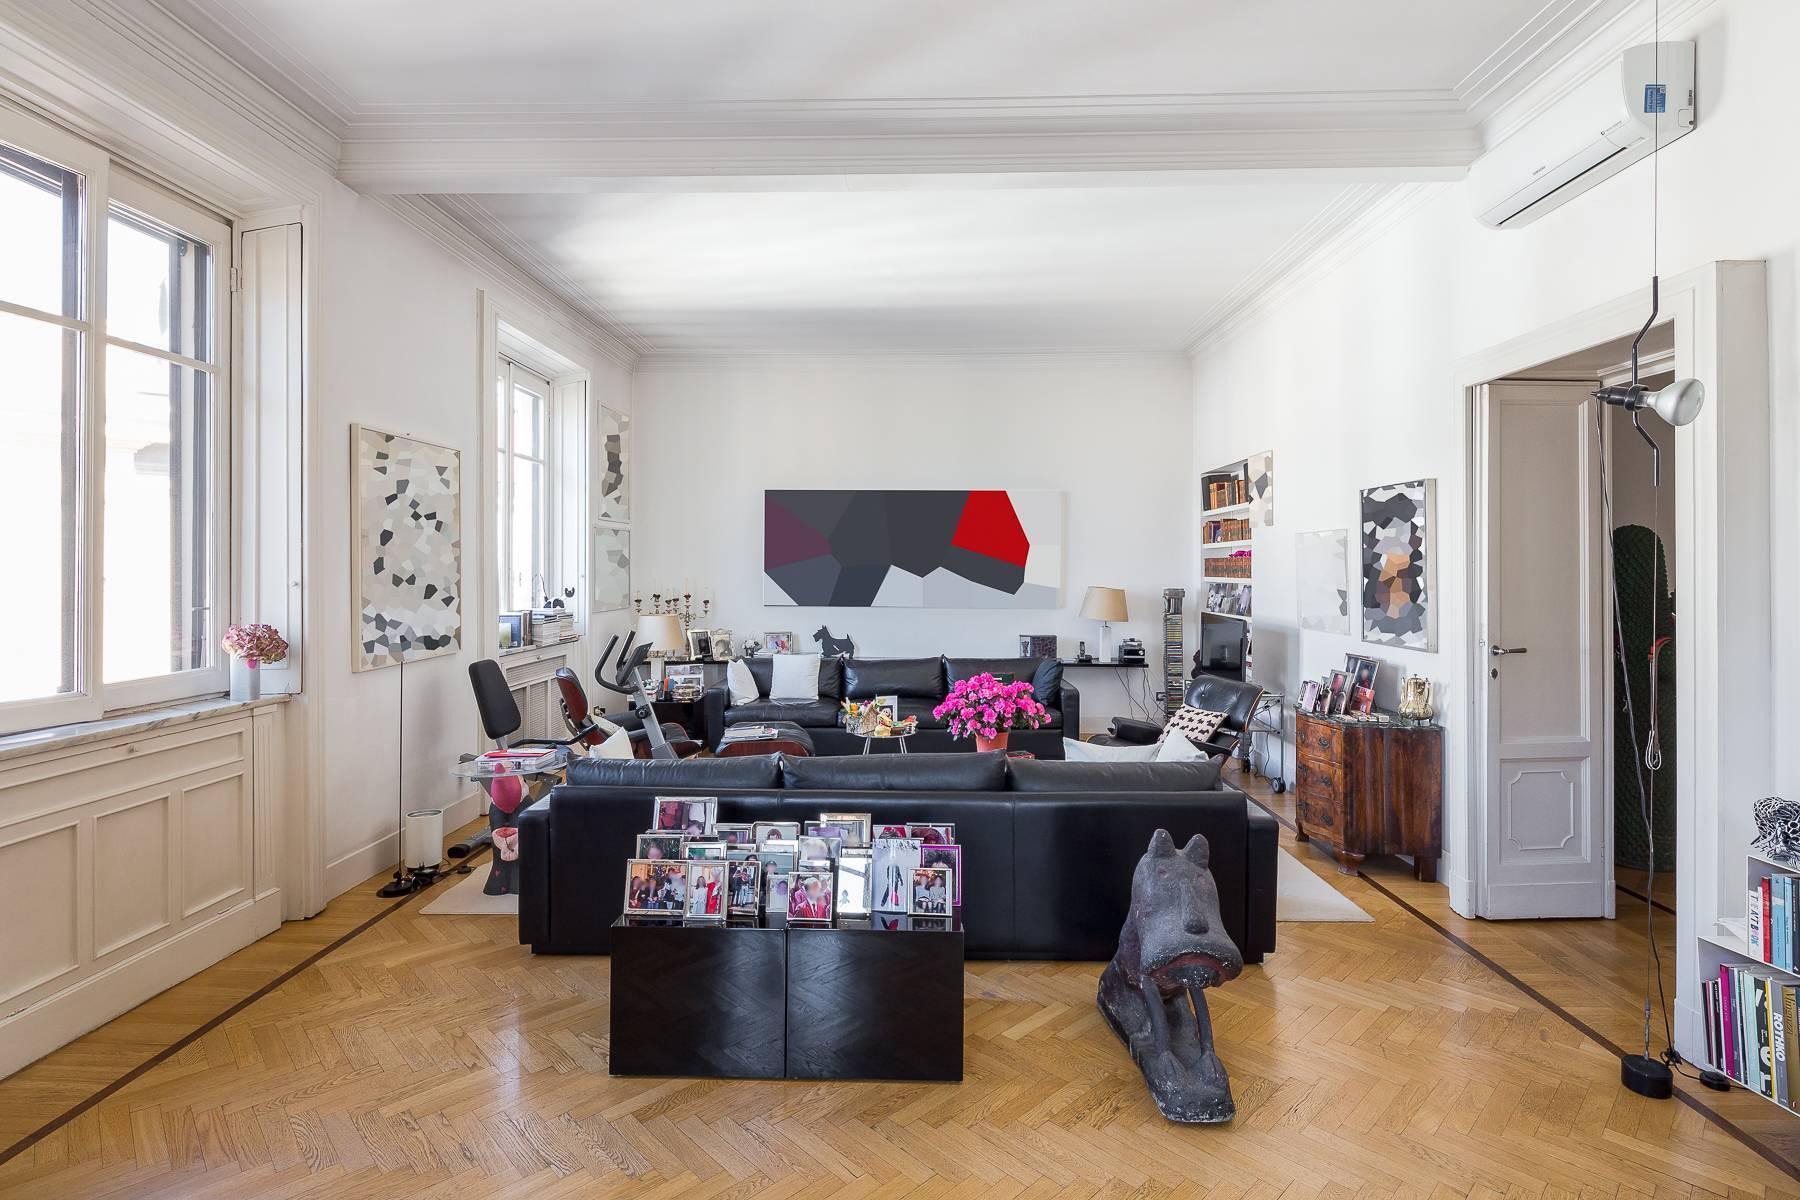 Appartamento esclusivo di 200 mq in nuda proprietà in un palazzo d'epoca - 1